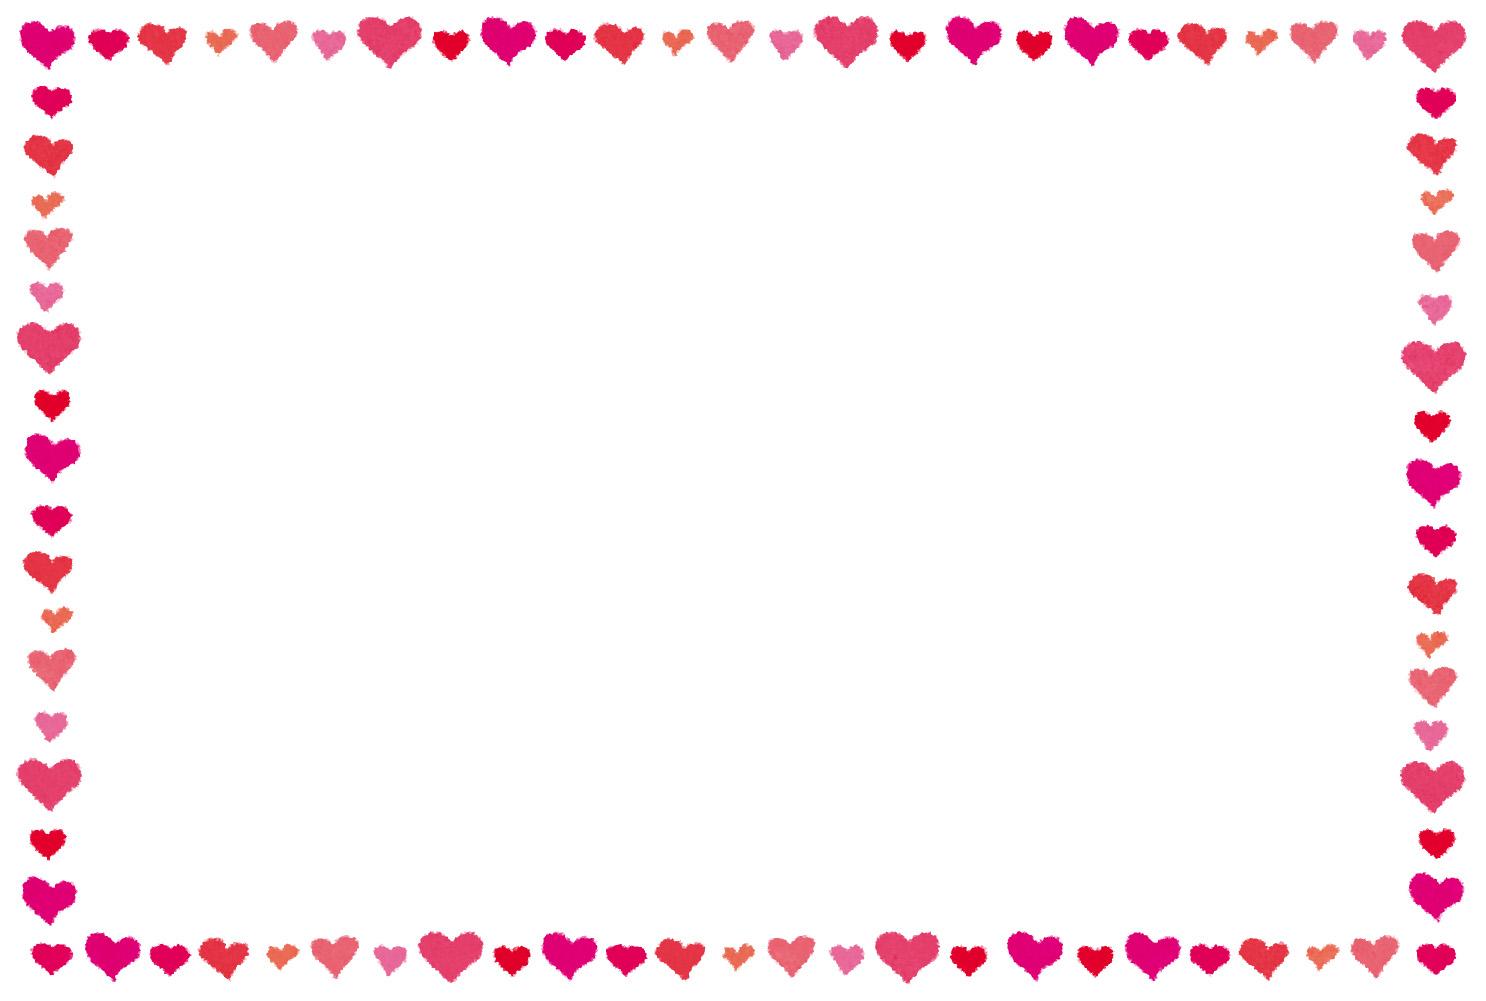 ハートのフレームのテンプレート「バレンタイン」 | かわいいフリー